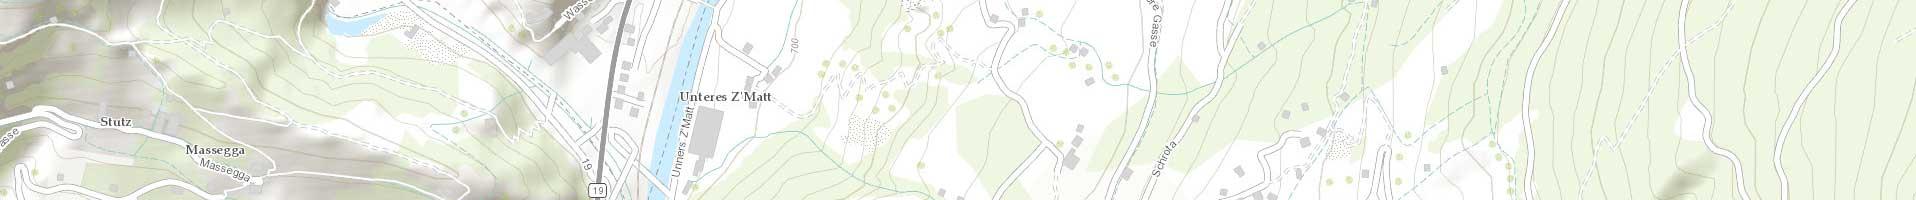 Carte topographique Monde / ESRI 7e niveau d'agrandissement